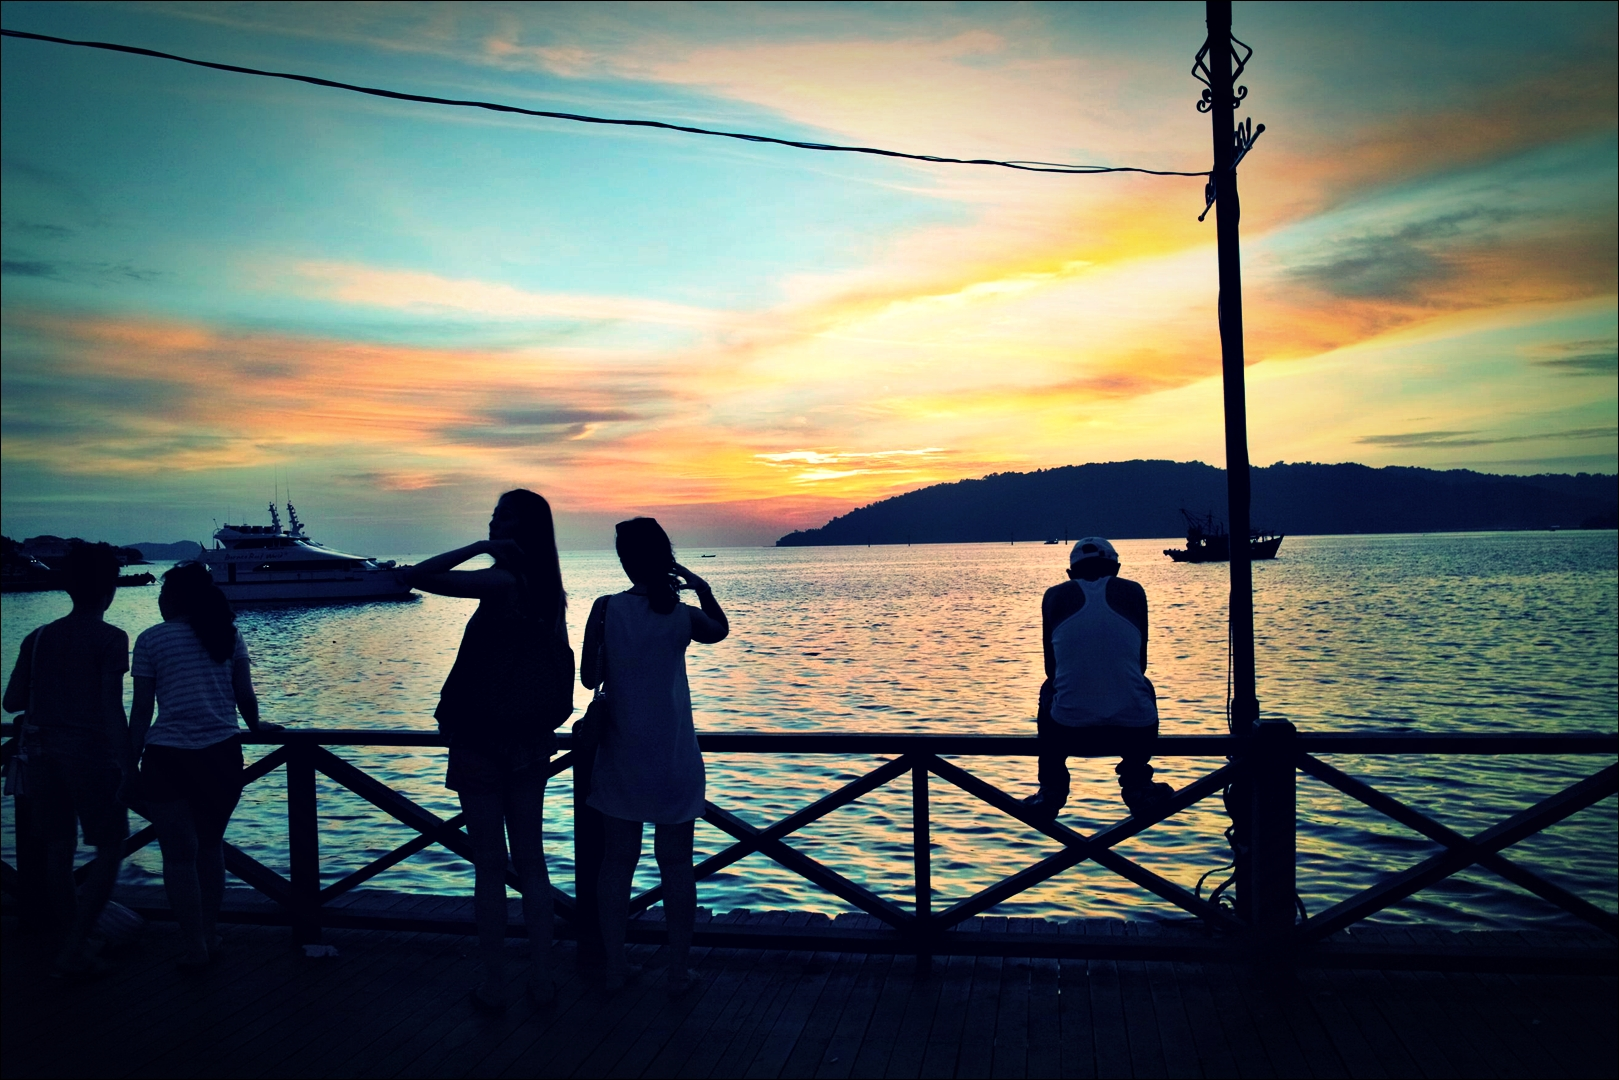 석양을 바라보는 사람들-'코타키나발루 둘러보기 Sightseeing Kota Kinabalu '